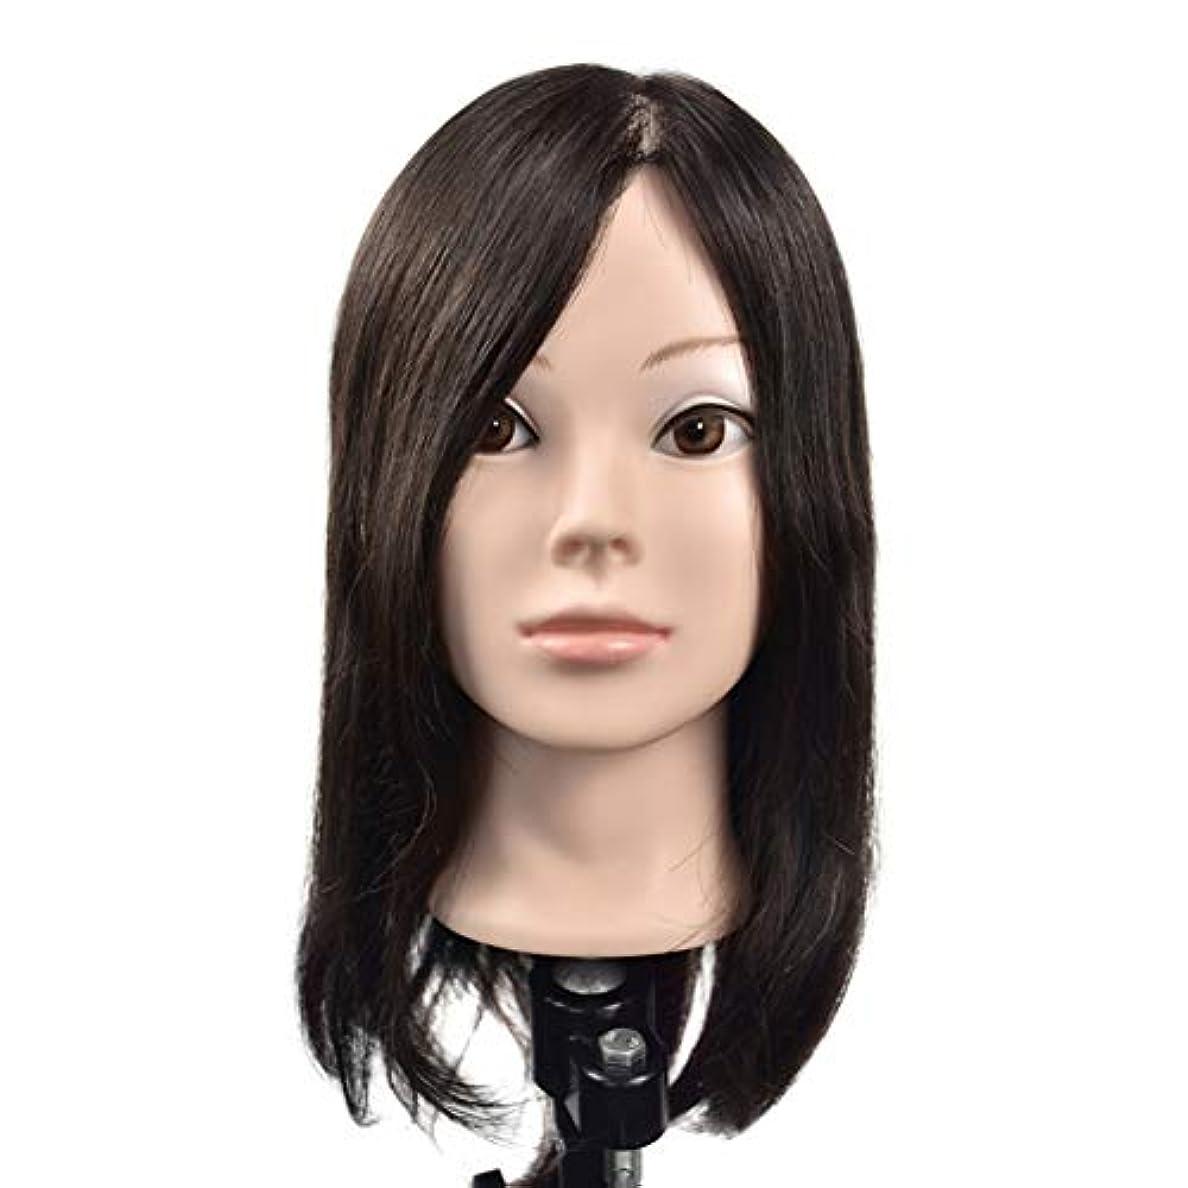 寛容な不実量リアルヘアースタイリングモデルヘッド女性モデル頭ティーチングヘッド理髪店編組髪染め学習ダミーヘッド